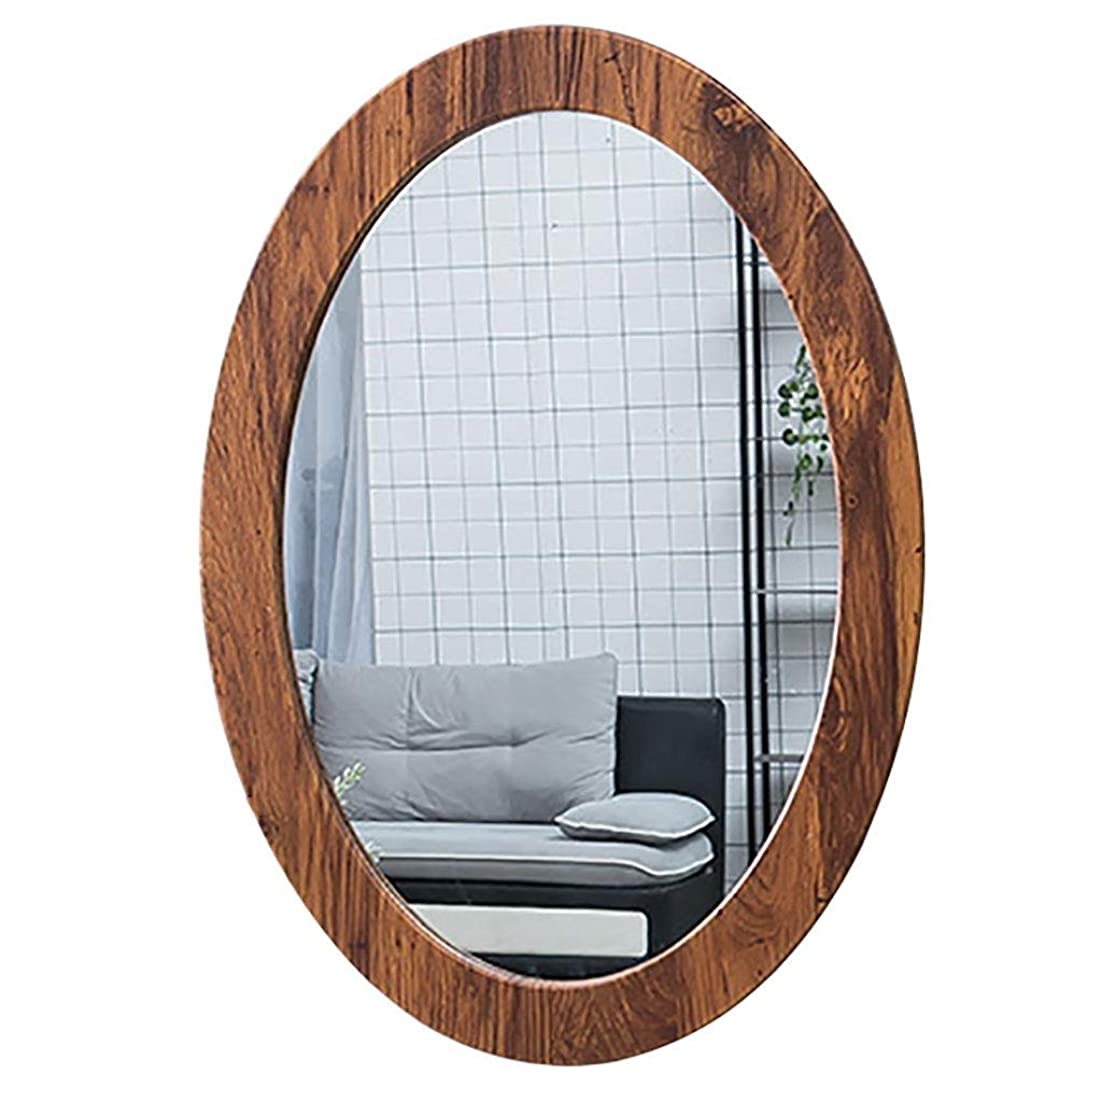 保存西部悪意のあるSelm 浴室ミラー壁掛け、洗面化粧台オーバルpvcフレーム化粧鏡用浴室洗面所廊下 (Color : Wood Grain, Size : 40CMx60CM)